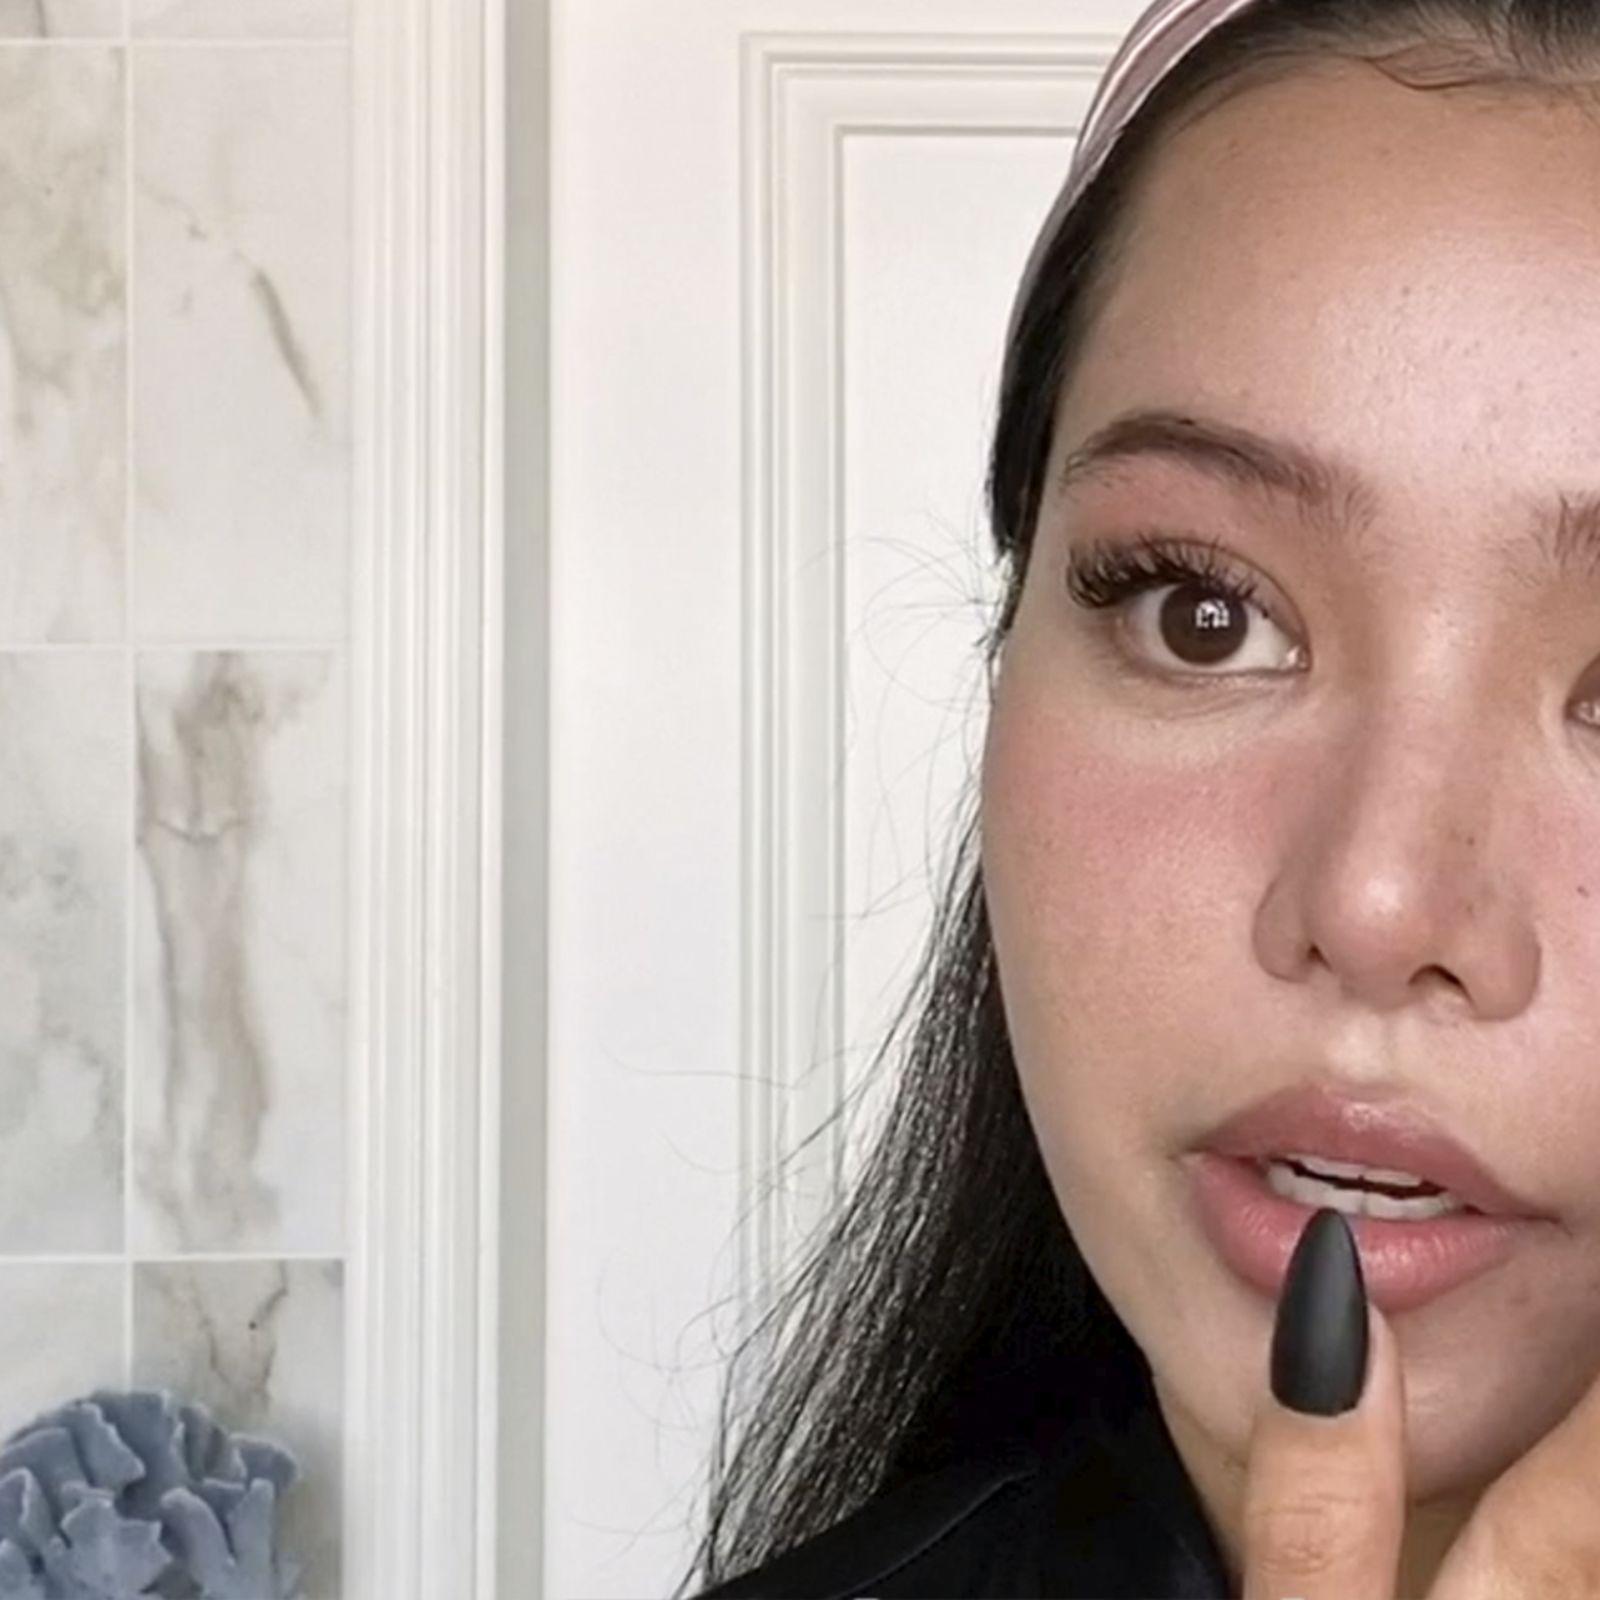 Bella Poarch y su particular rutina de maquillaje para Tiktok